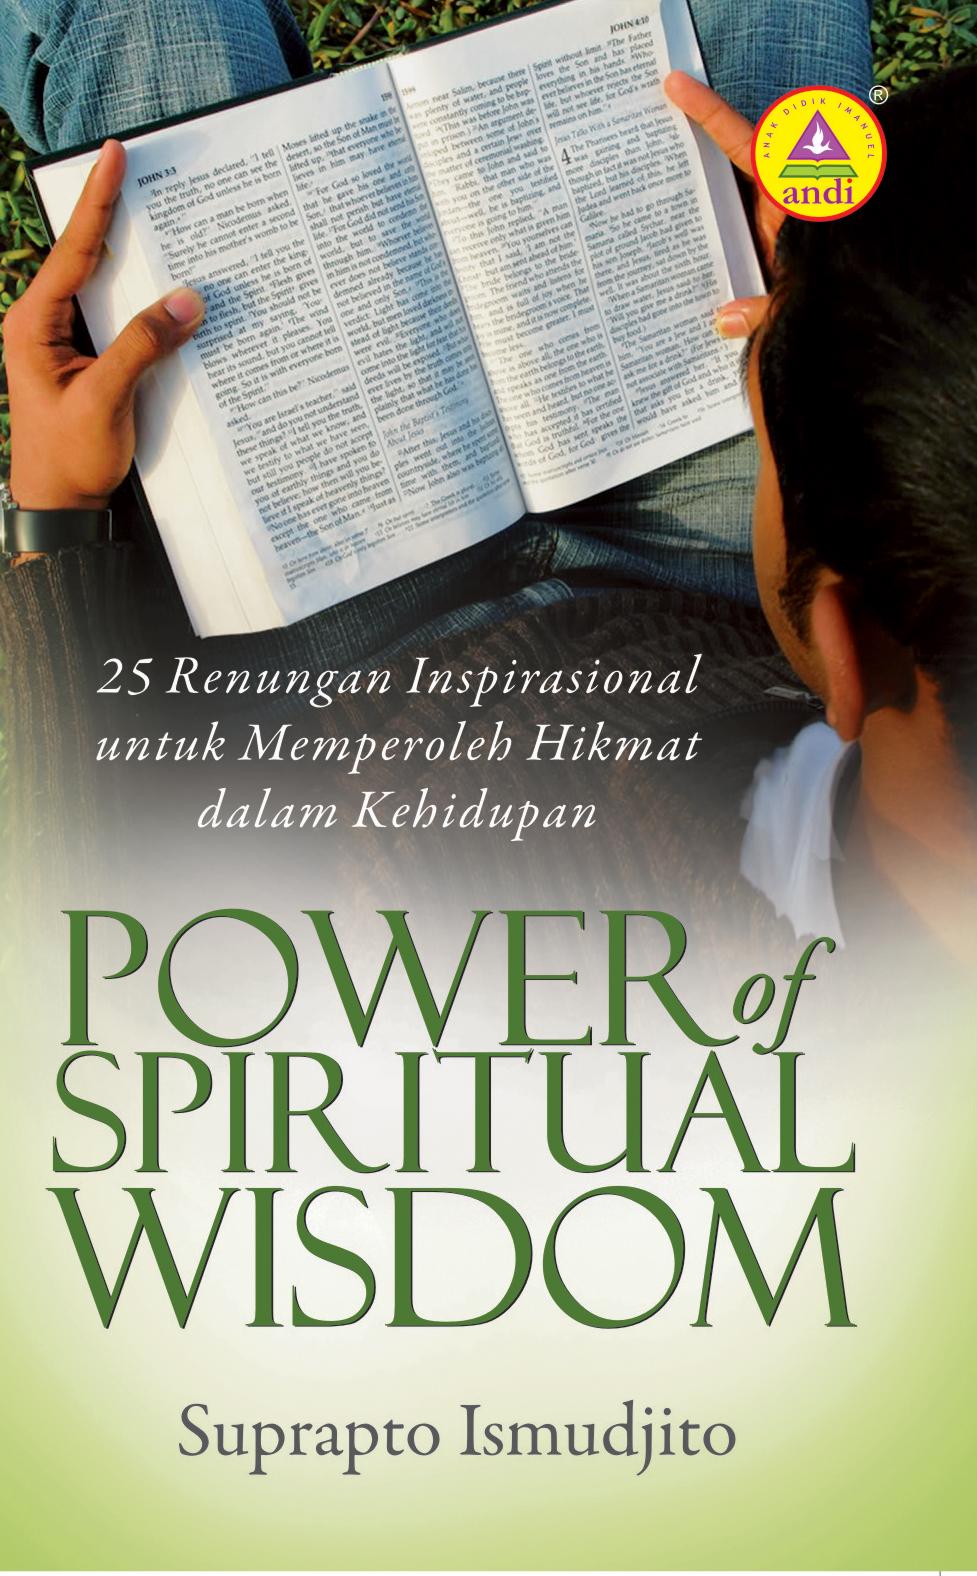 Power of spiritual wisdom, 25 renungan inspirasional untuk memperoleh hikmat dalam kehidupan [sumber elektronis]